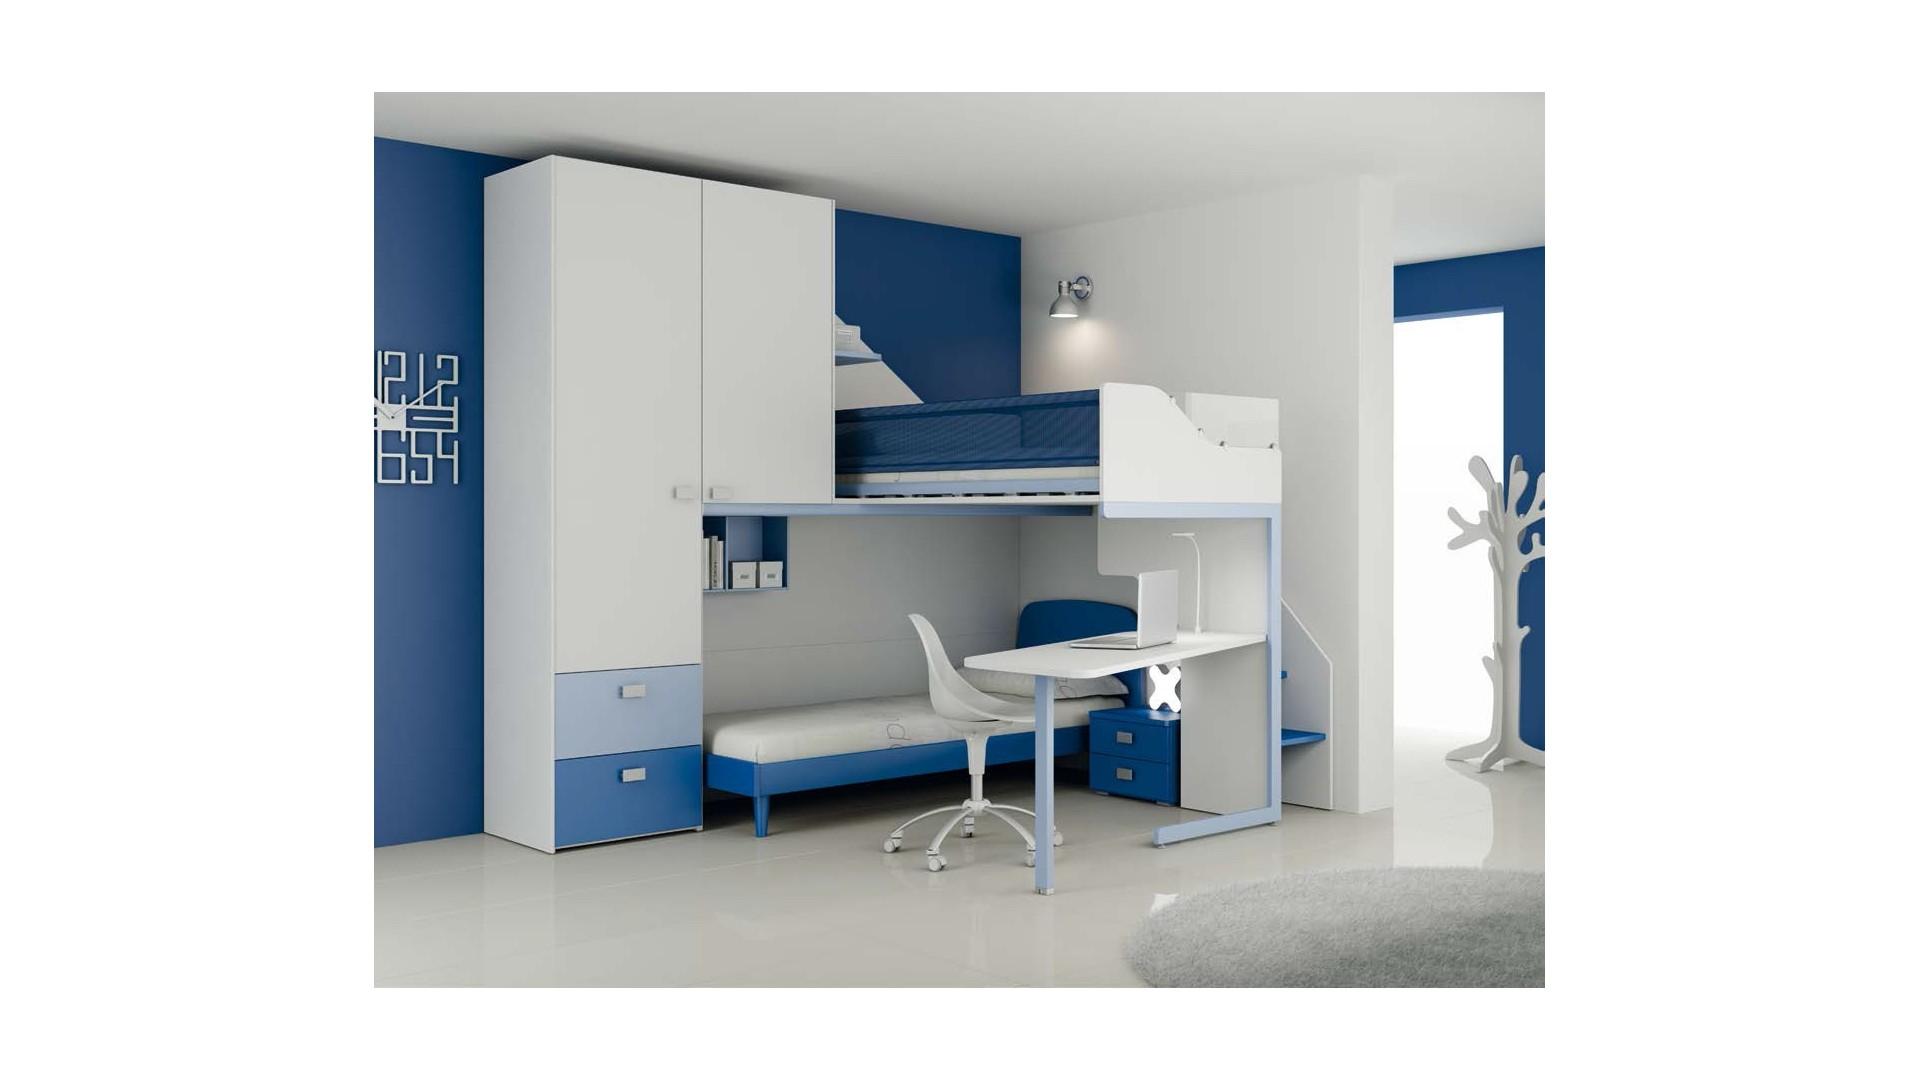 Chambre enfant PERSONNALISABLE LH15 lits superposés en mezzanine - MORETTI  COMPACT